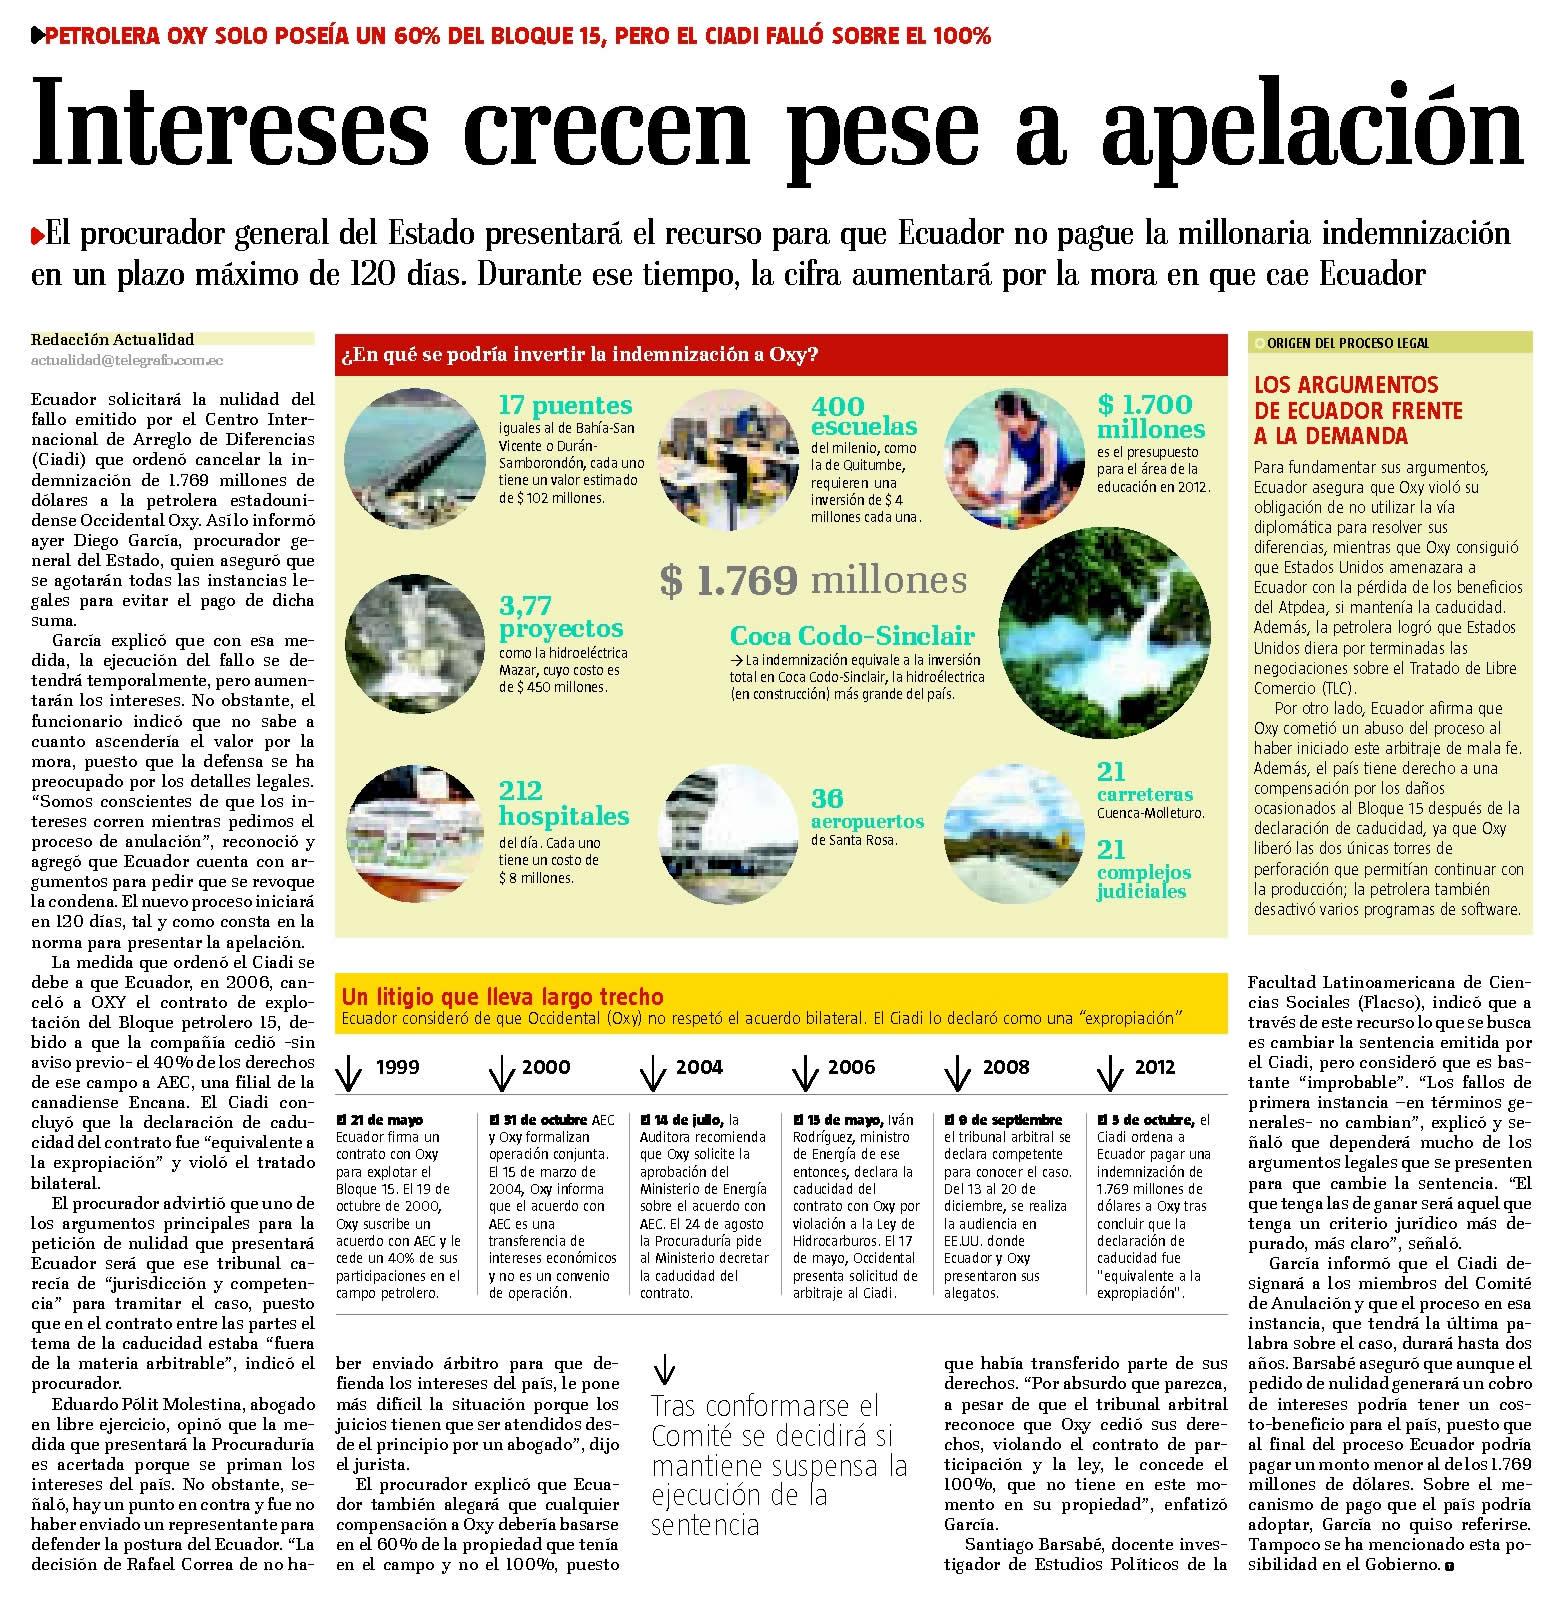 73-El telegrafo, Intereses crecen pese a apelacion 09 10